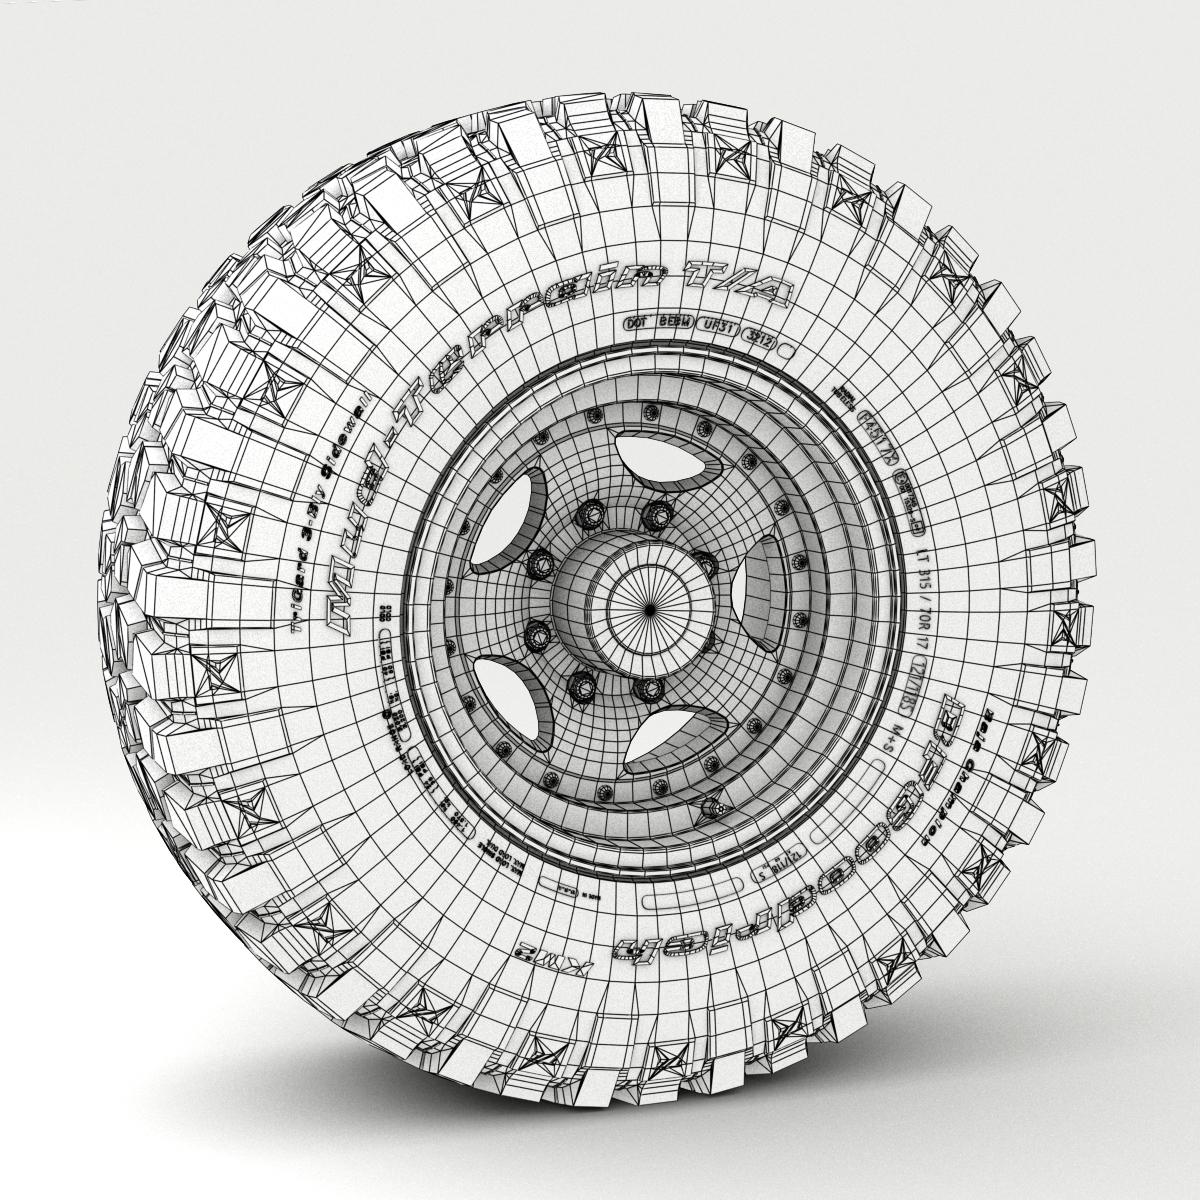 off road wheel and tire 3 3d model 3ds max fbx tga targa icb vda vst pix obj 224455